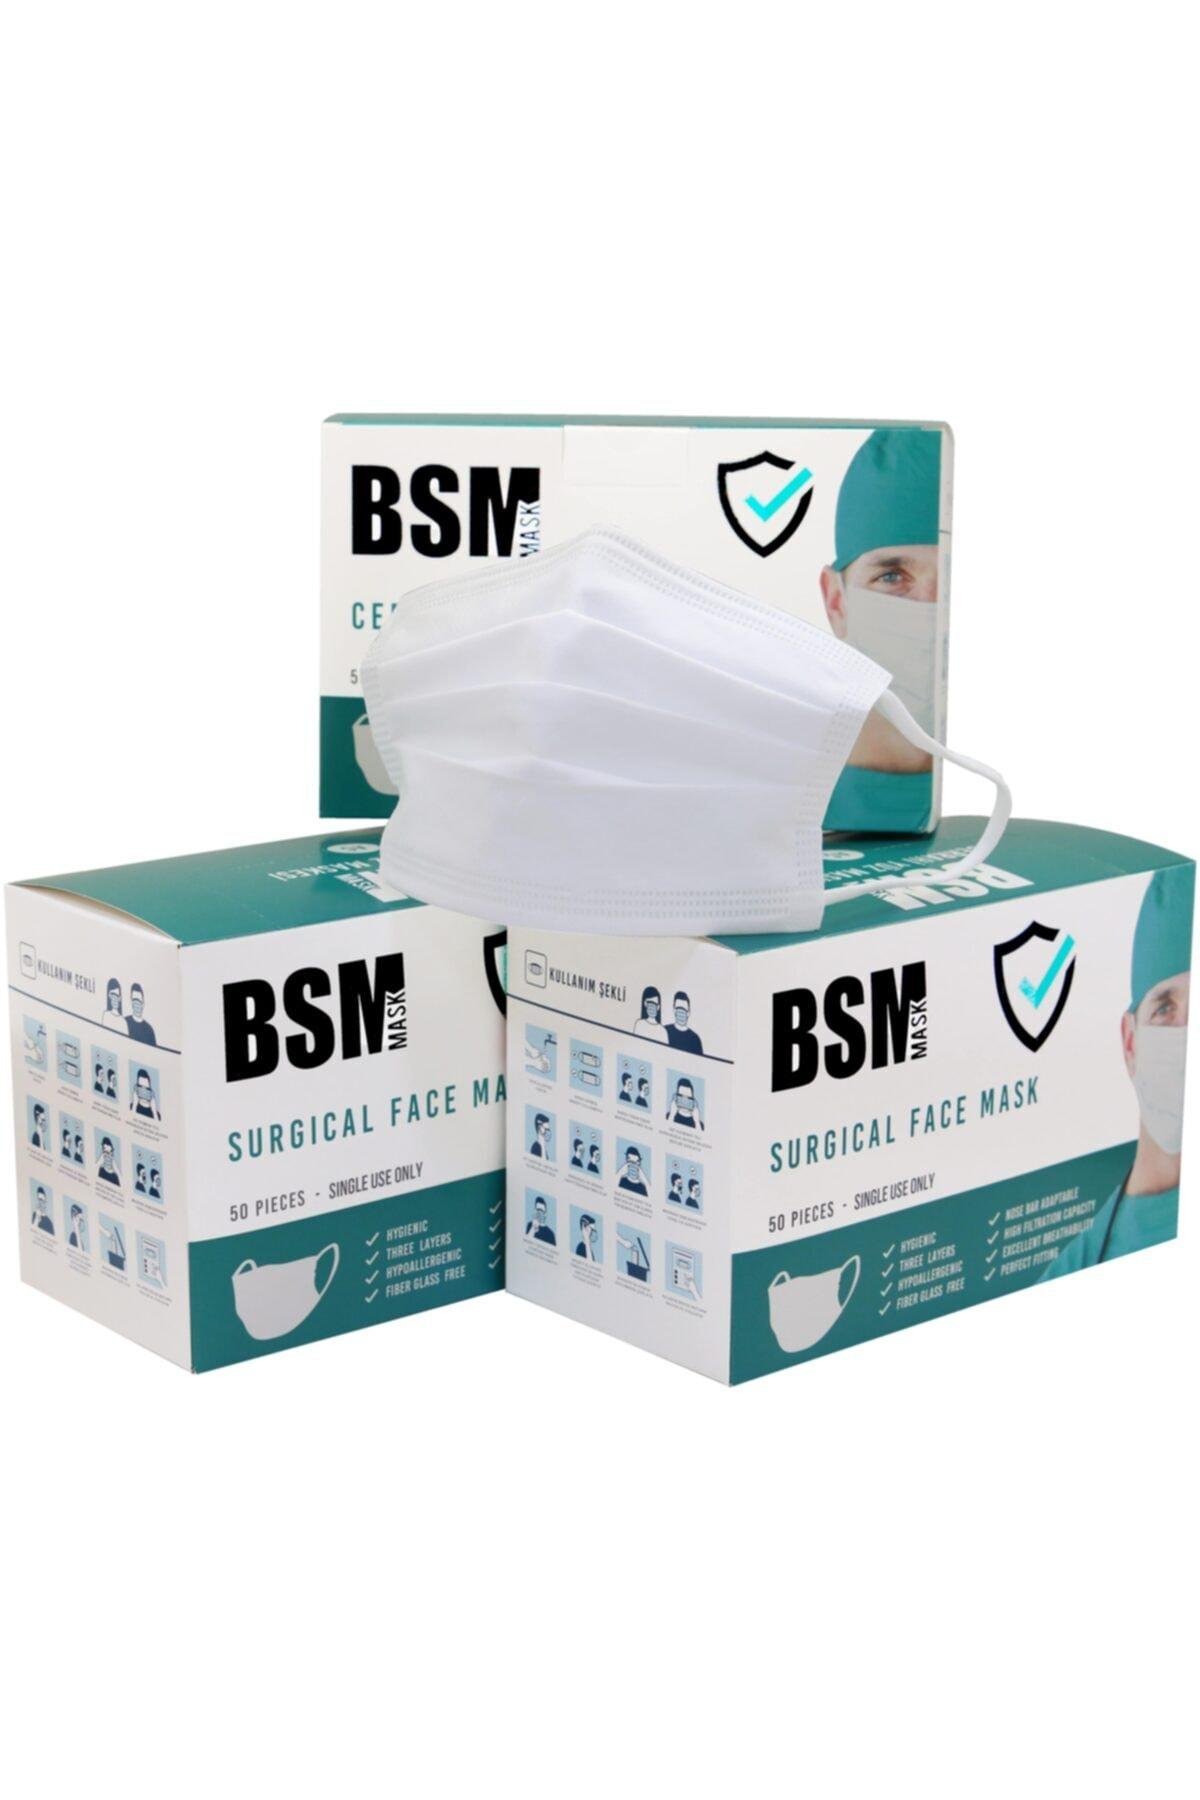 Beyaz 3 Katlı Yassı Lastikli Meltblown Cerrahi Maske Toplam 150 Adet